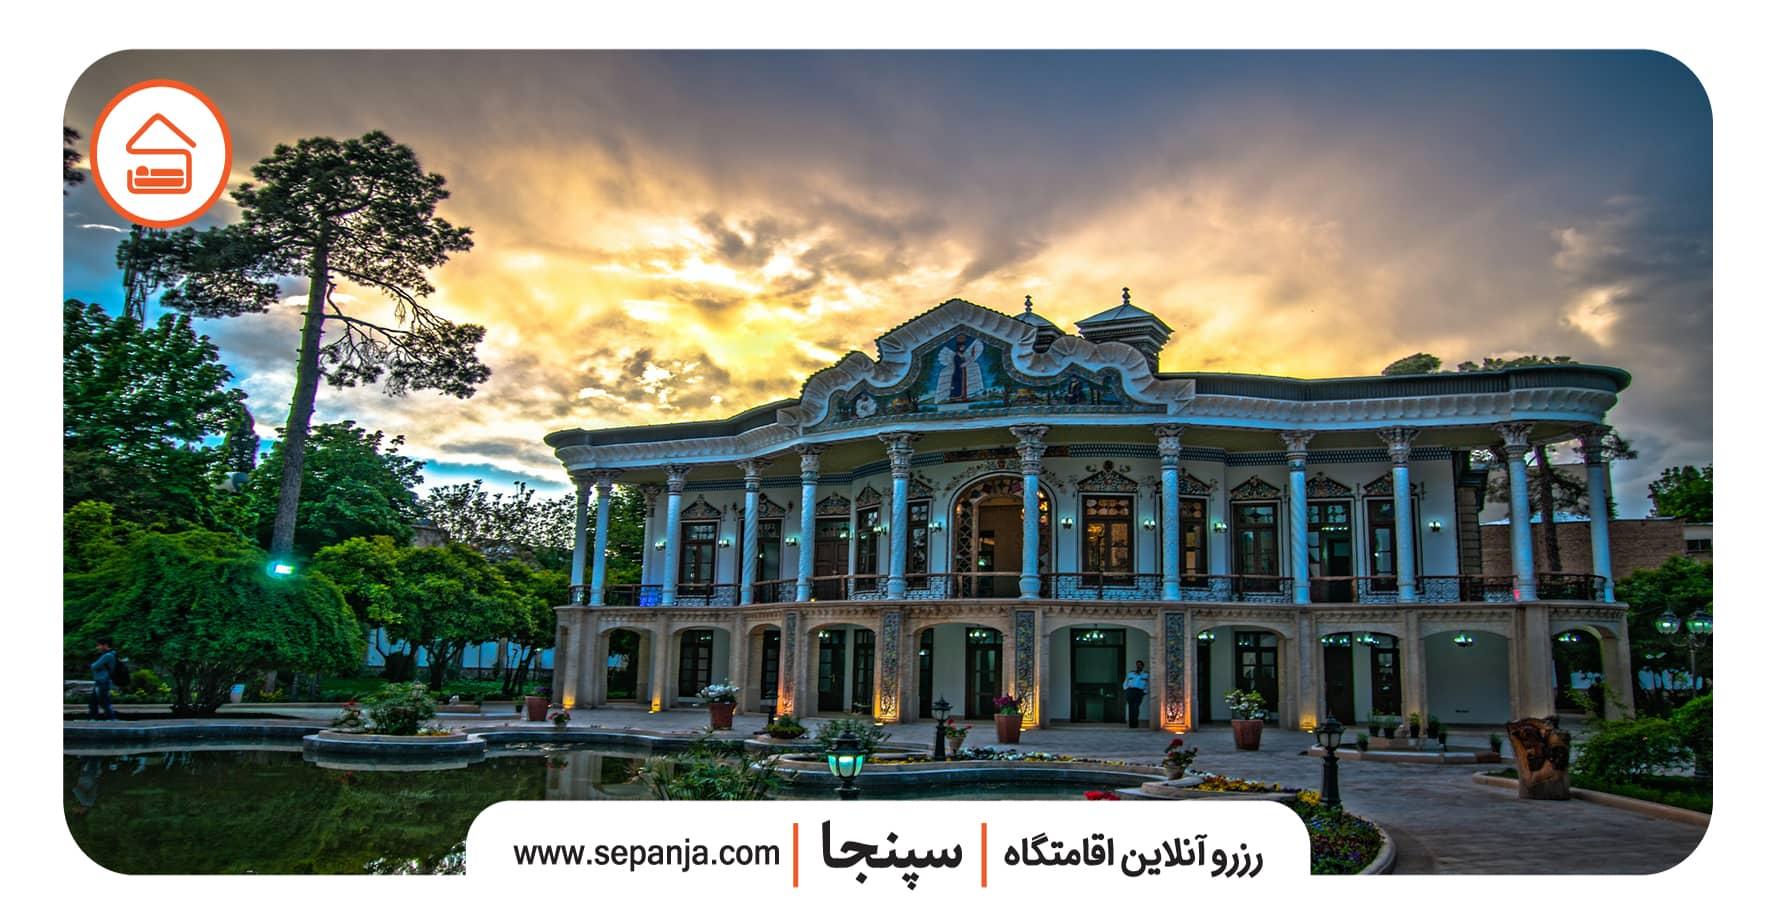 نمایی از بنای اصلی عمارت شاپوری شیراز